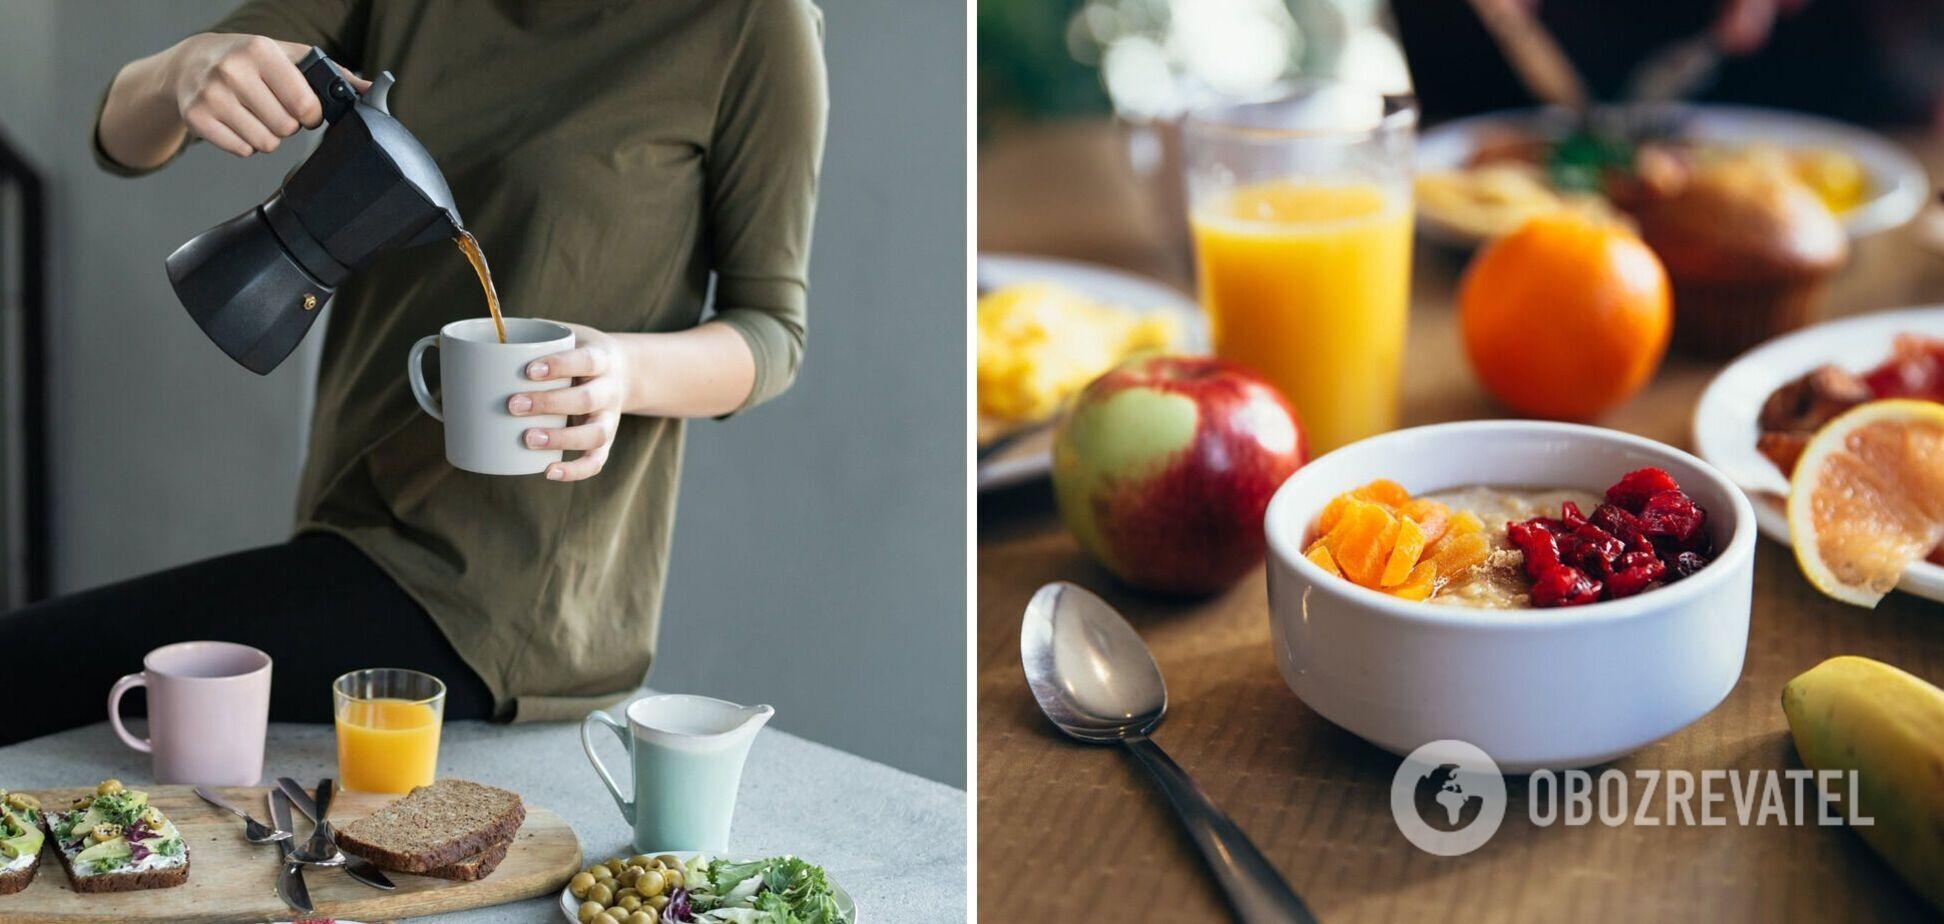 Что нельзя есть на завтрак